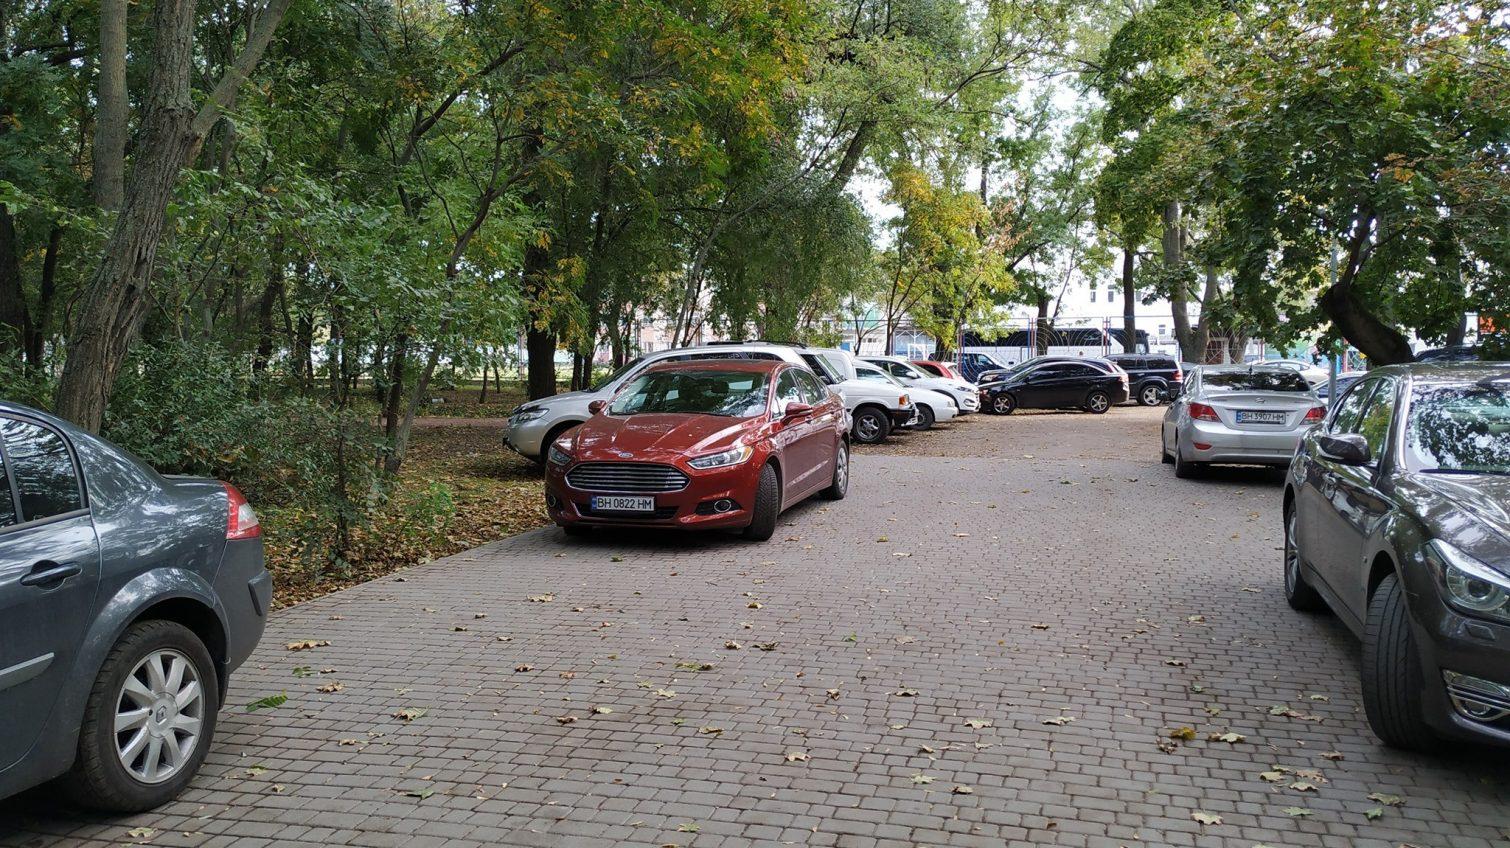 Недореконструкция: в Преображенском парке образовалась автостоянка из-за отсутствия ограды и ворот (фото) «фото»